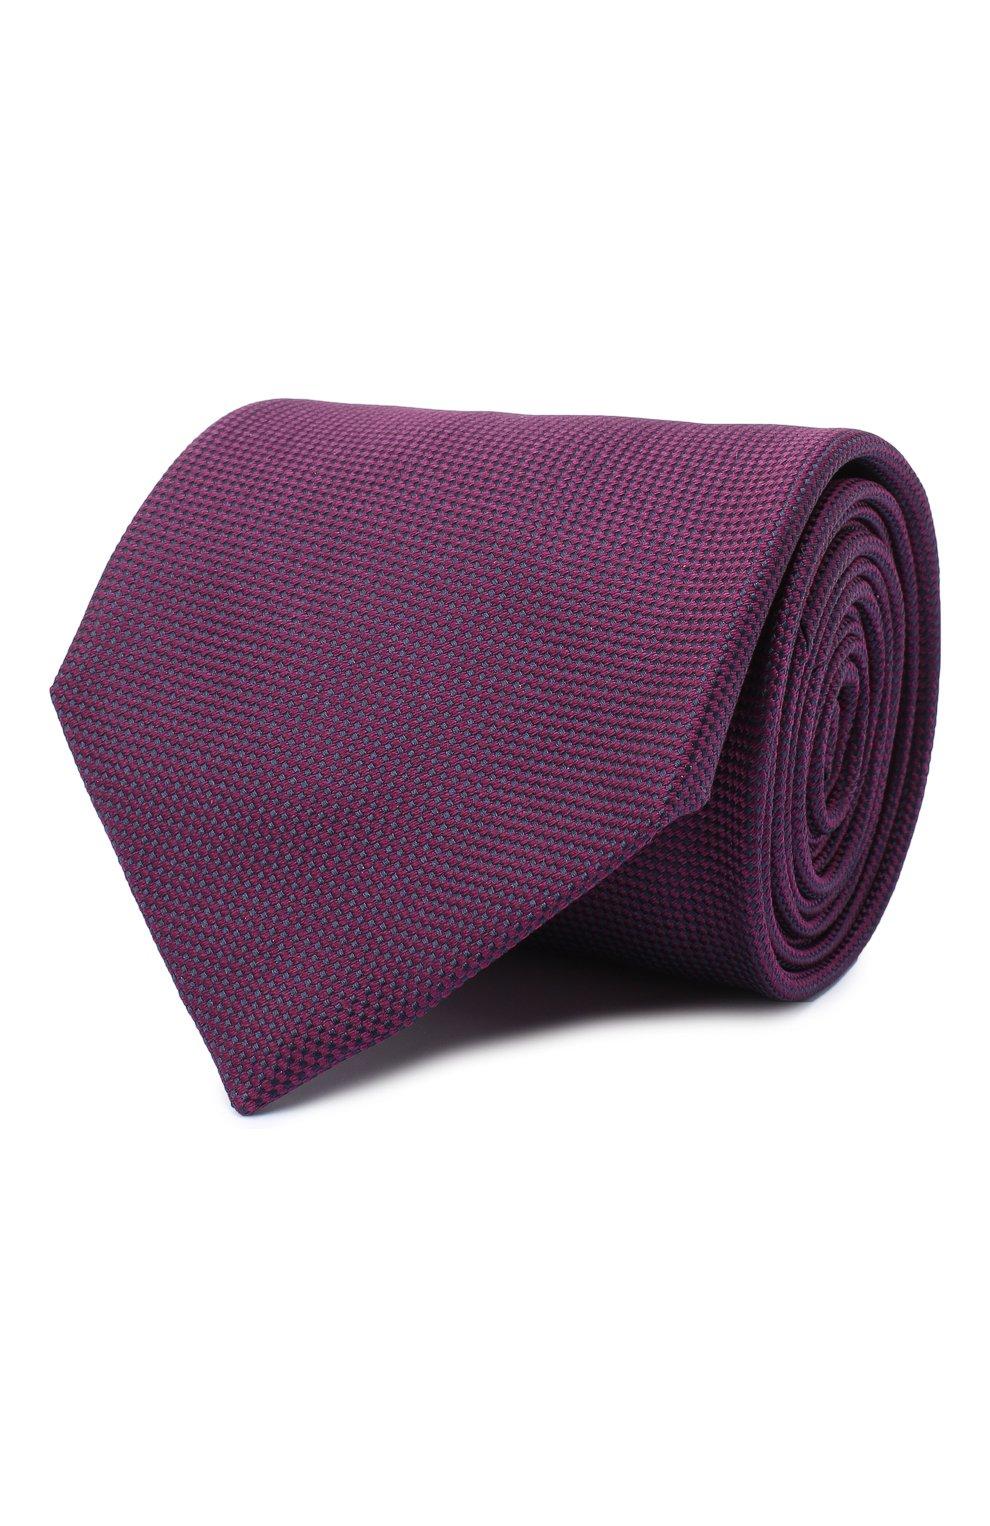 Мужской шелковый галстук BRIONI фиолетового цвета, арт. 062I00/09459 | Фото 1 (Материал: Текстиль; Принт: Без принта)